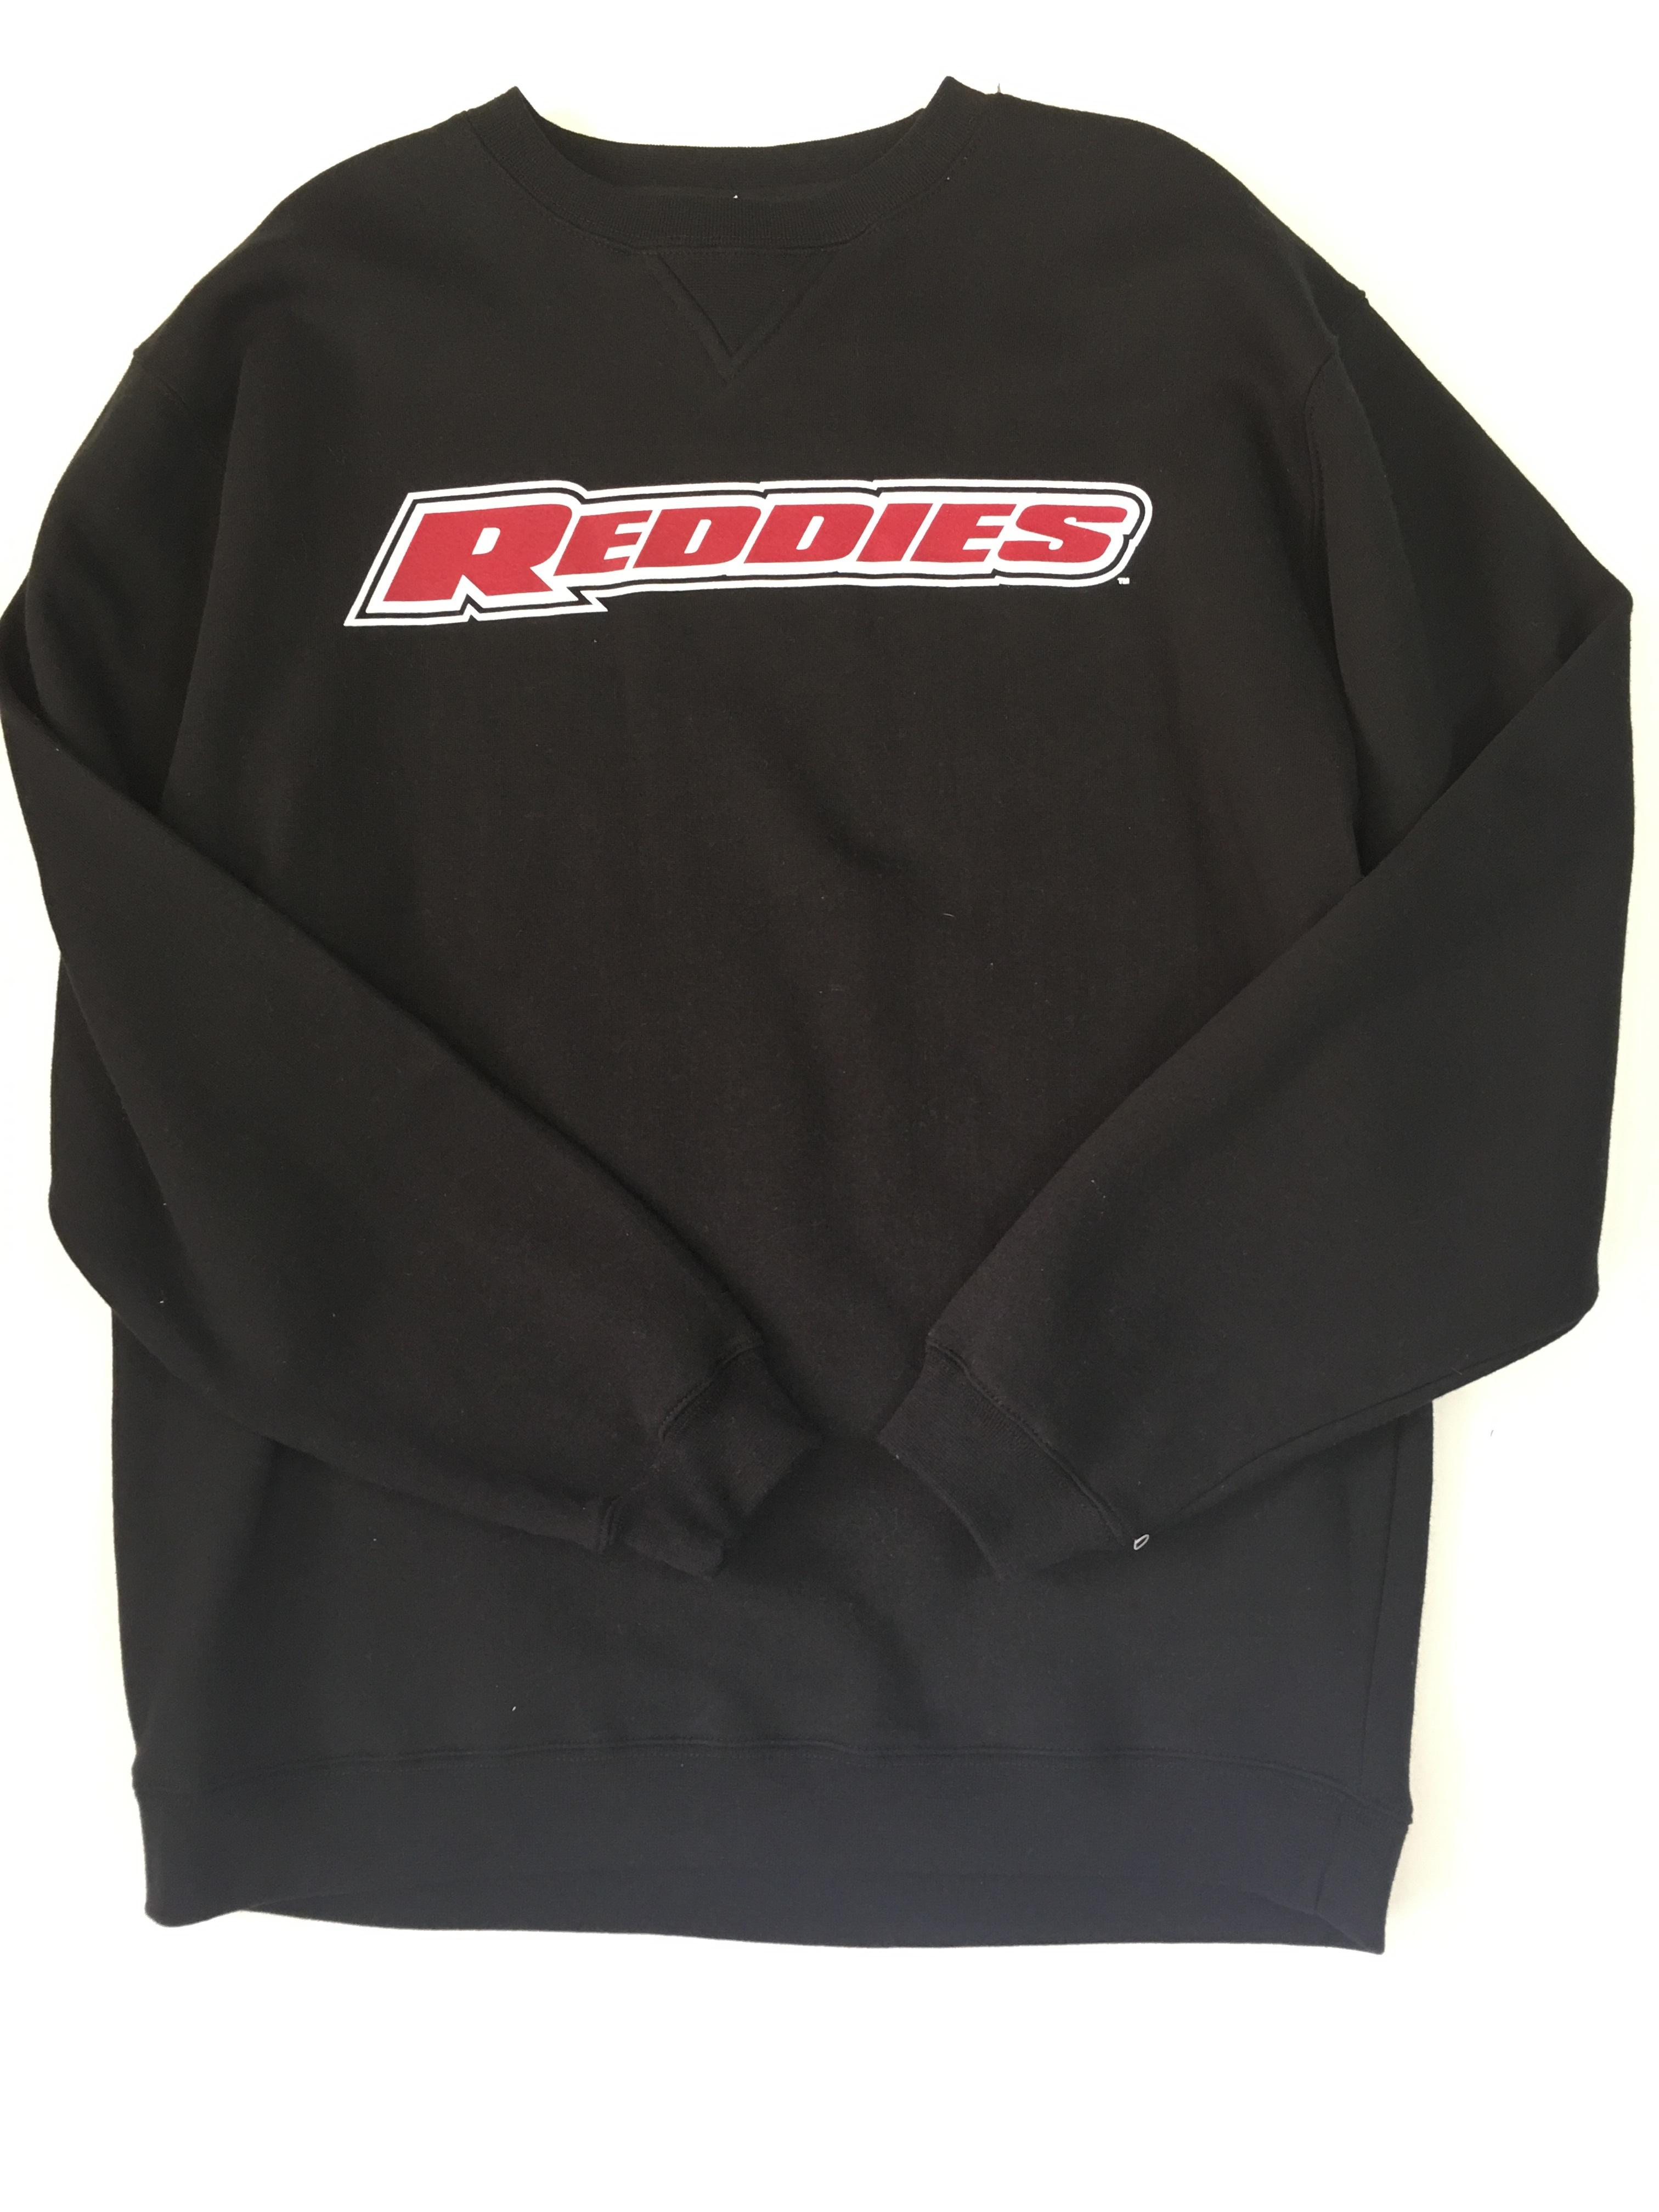 Reddies Sweatshirt